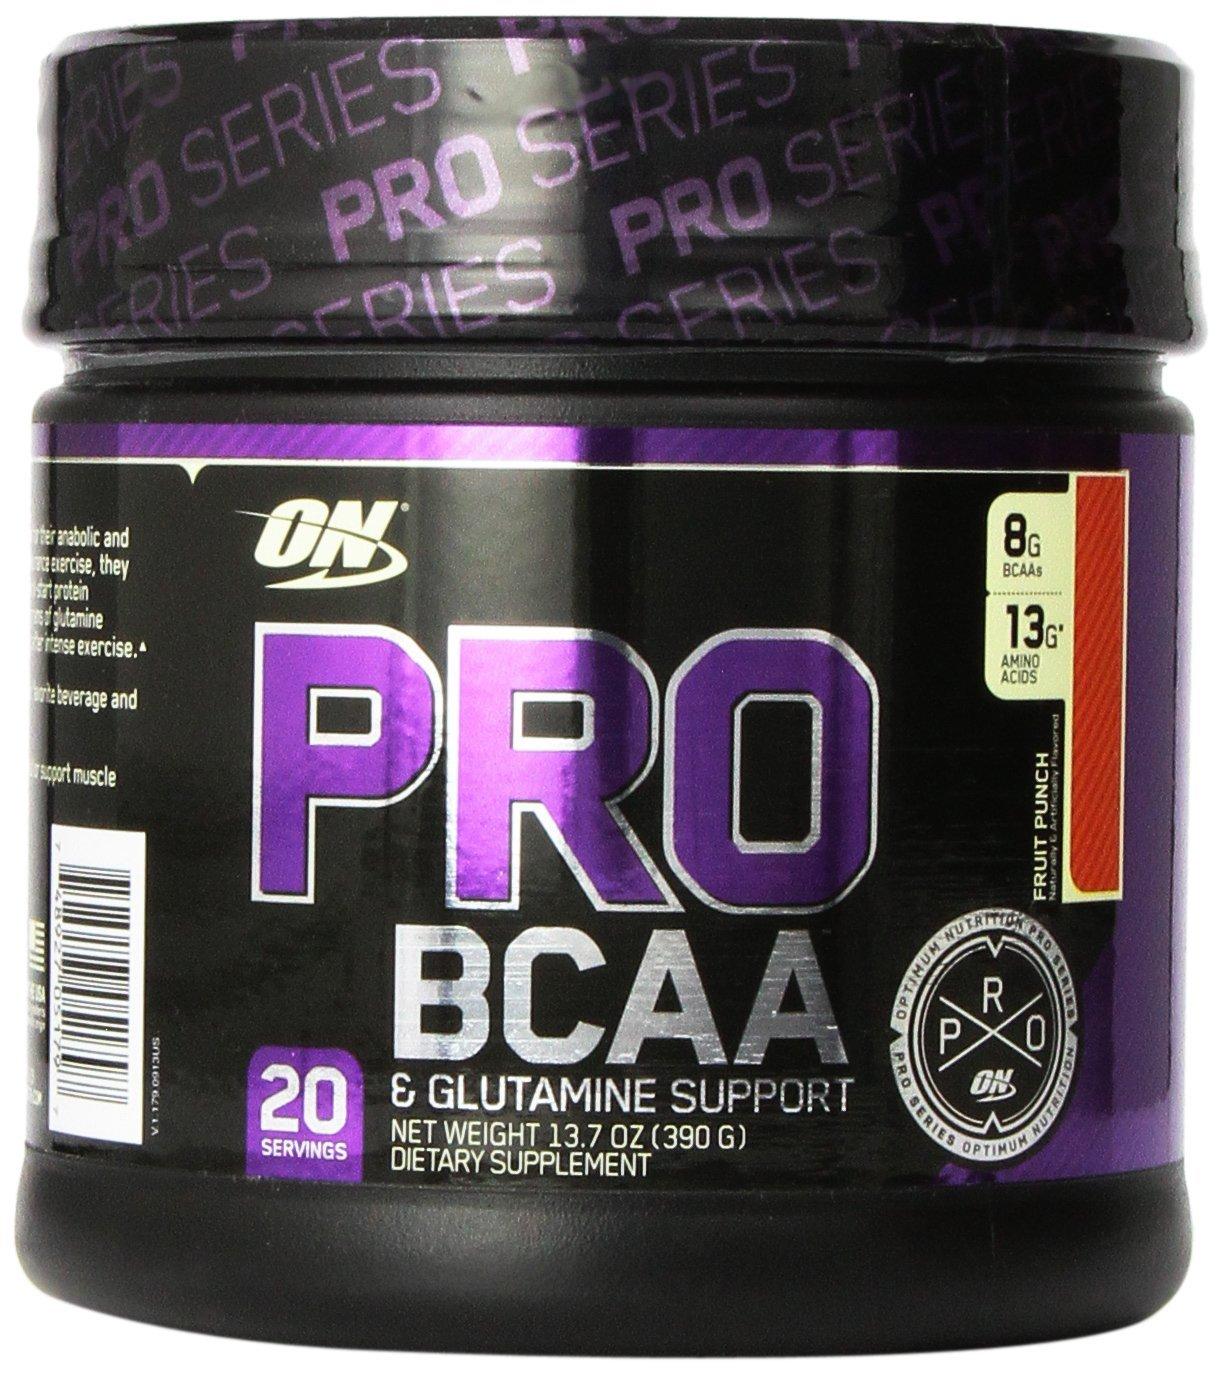 Pro BCAA, Peach Mango - 390g versandkostenfrei/portofrei bestellen/kaufen